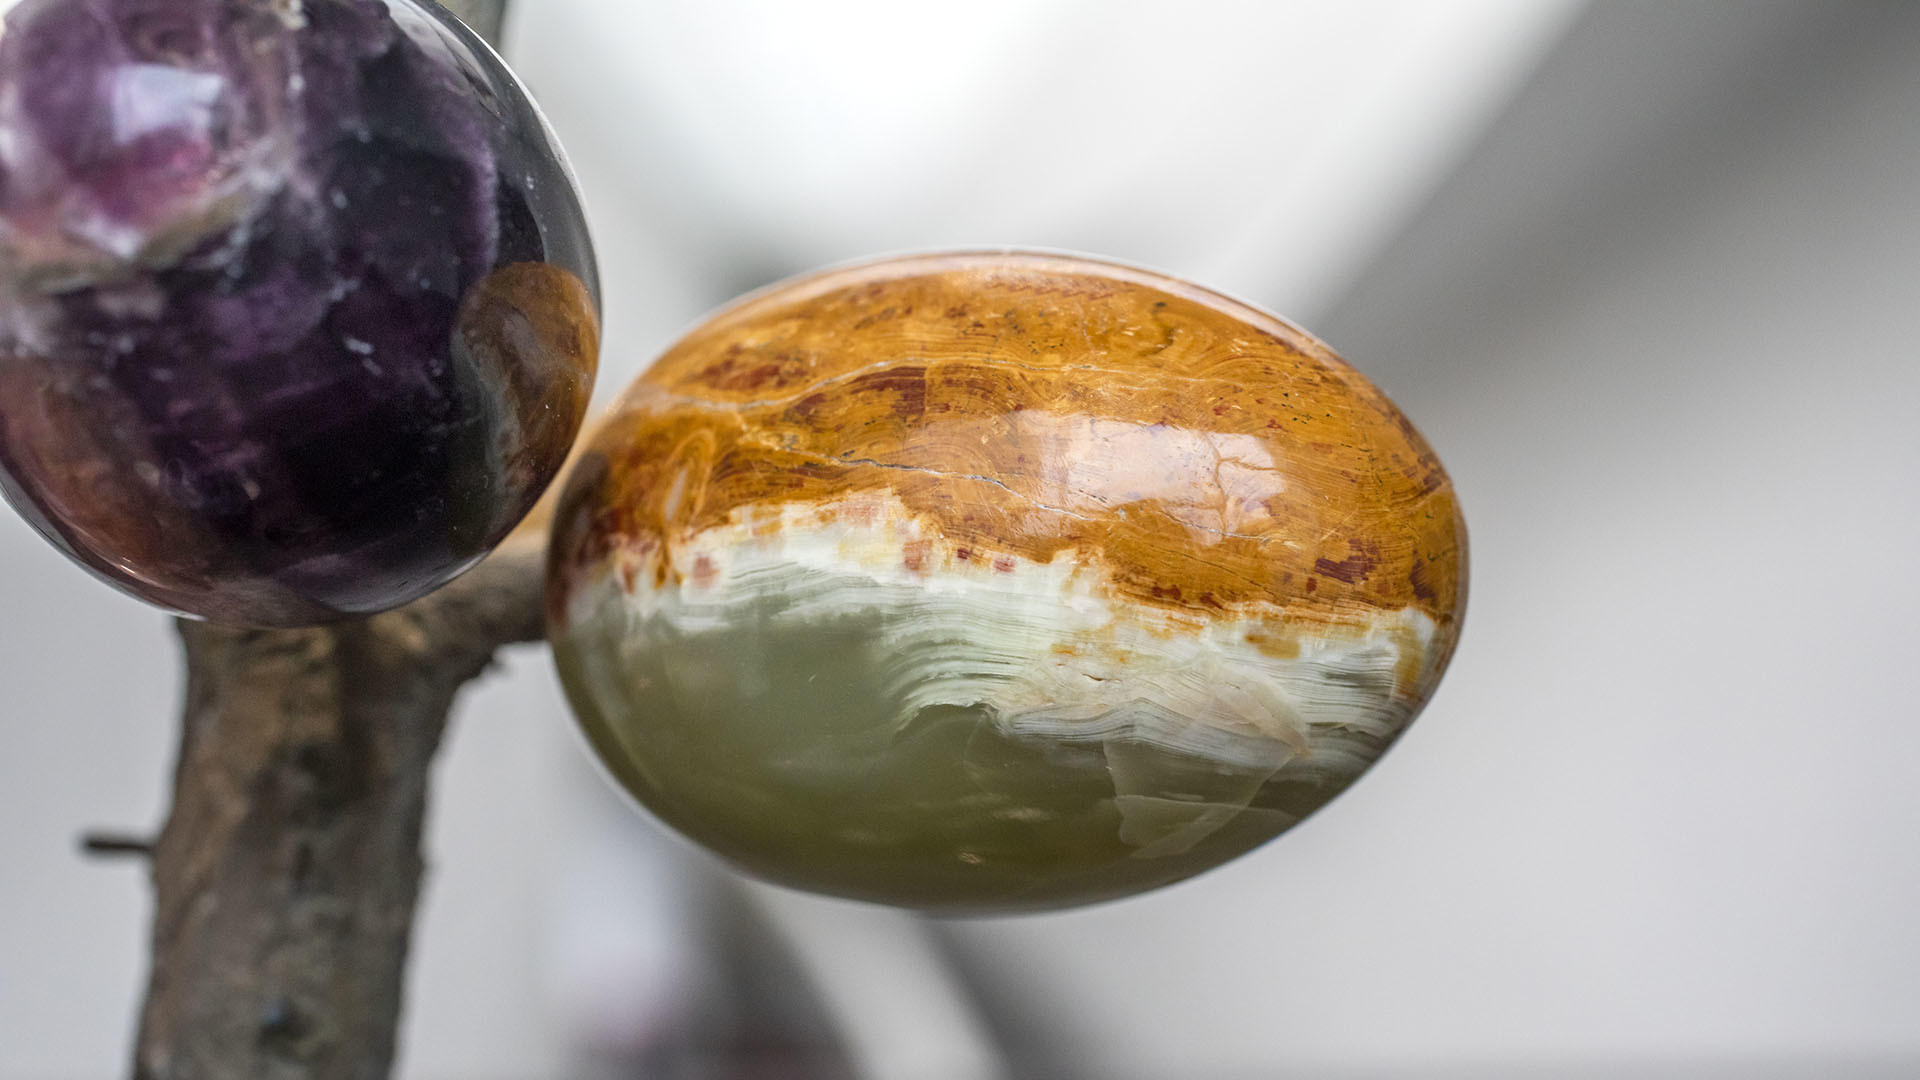 Kananmunan muotoinen kivi, joka on kiinni oksassa.